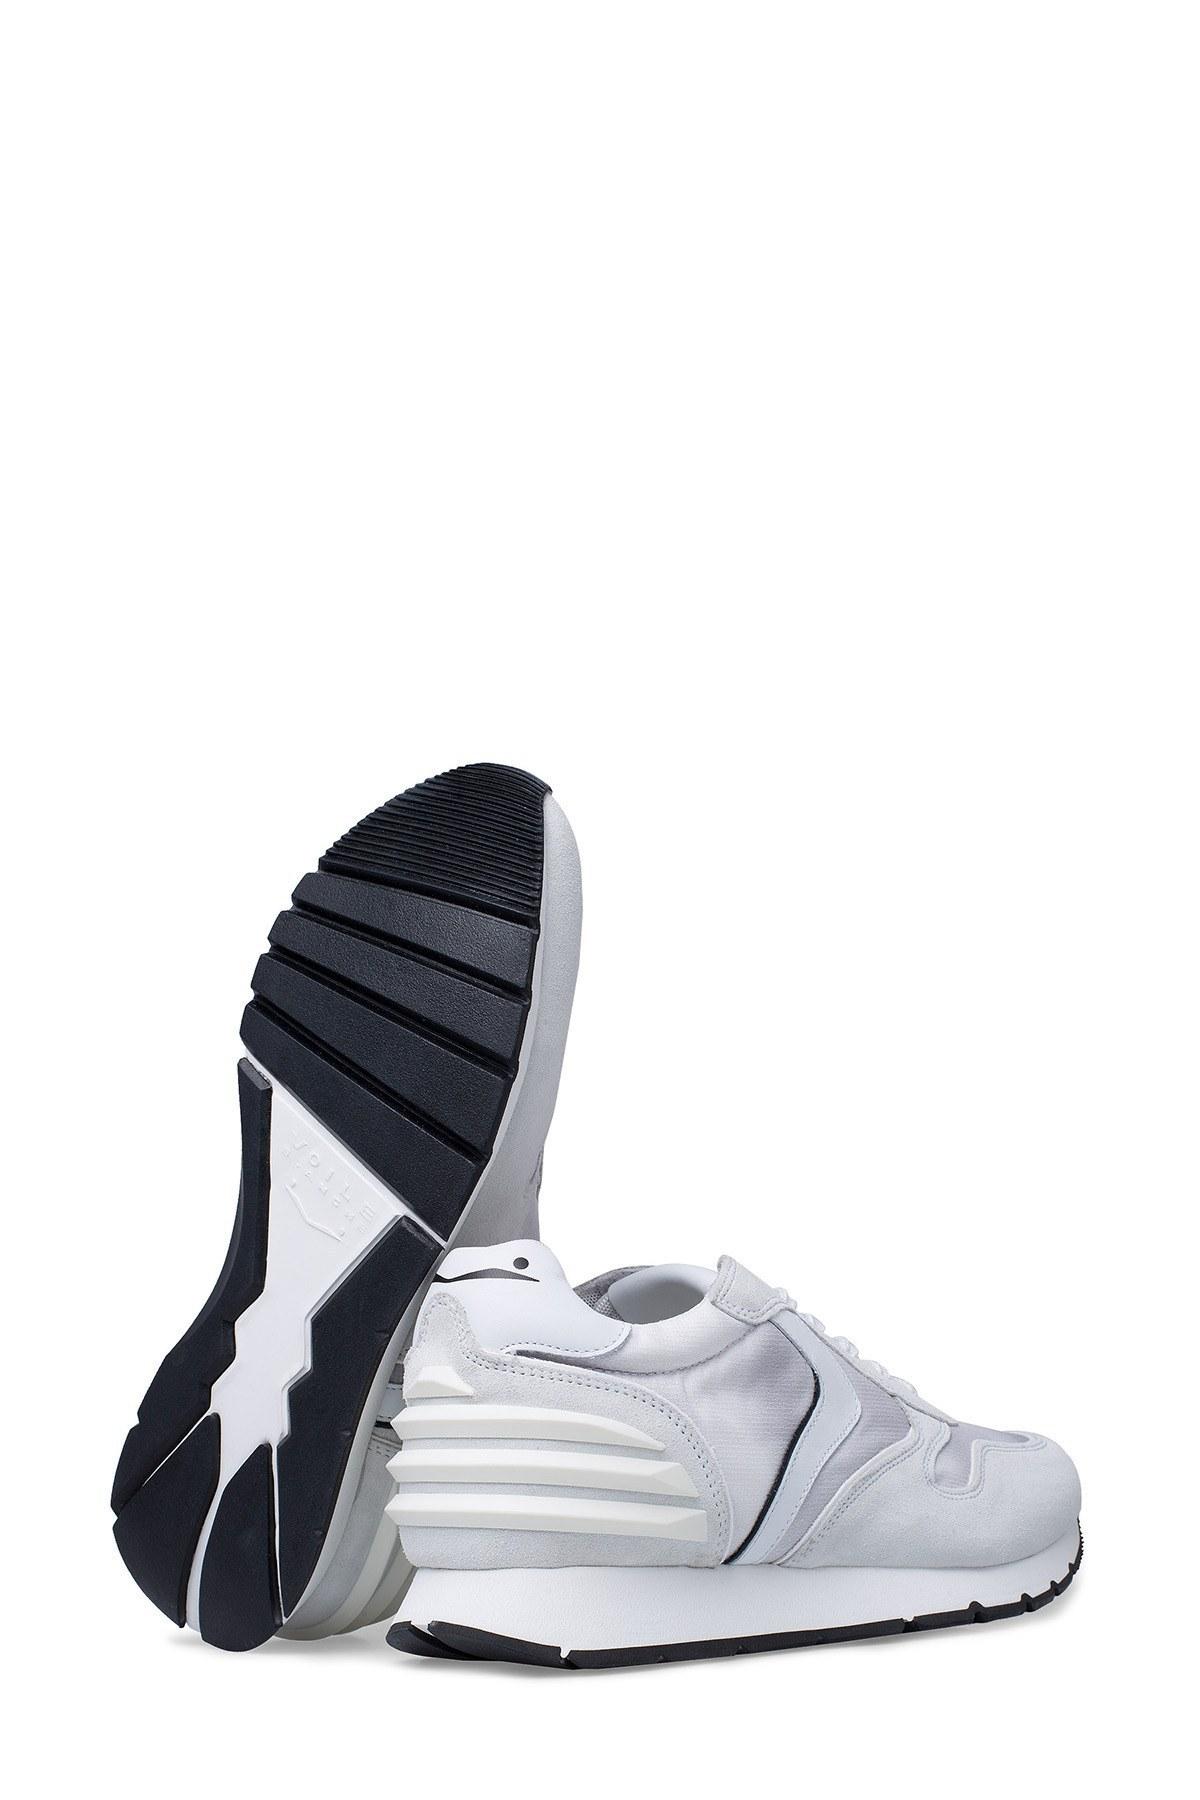 Voile Blanche Erkek Ayakkabı 0012014594.03.0N01 BEJ